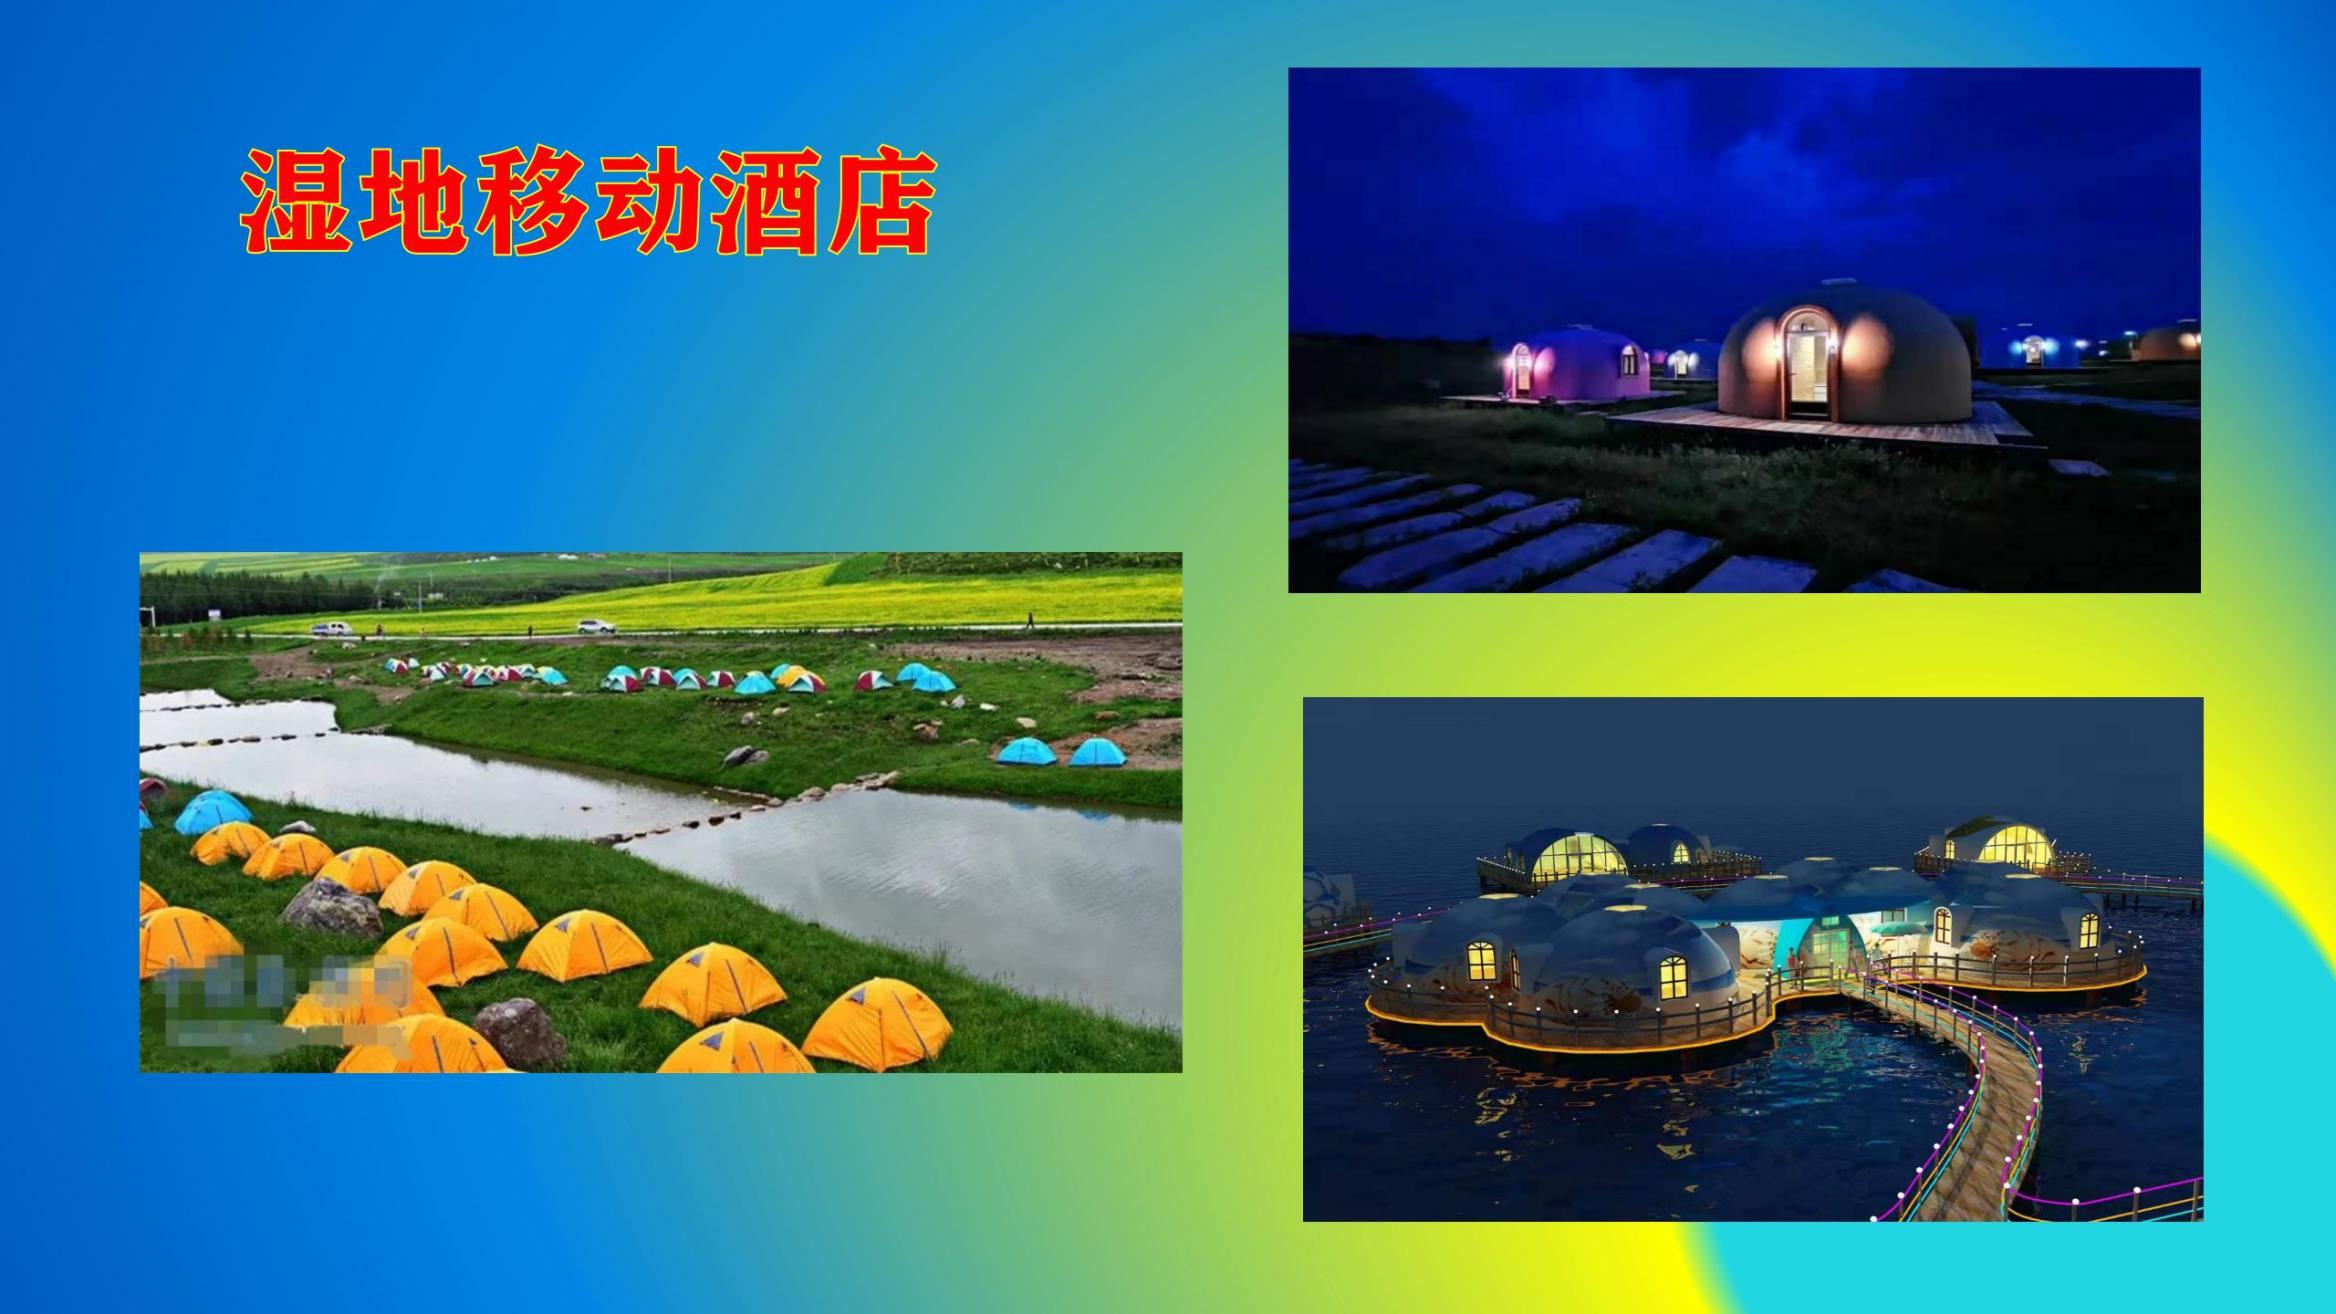 沈家船田园水乡智慧生态园 (4)